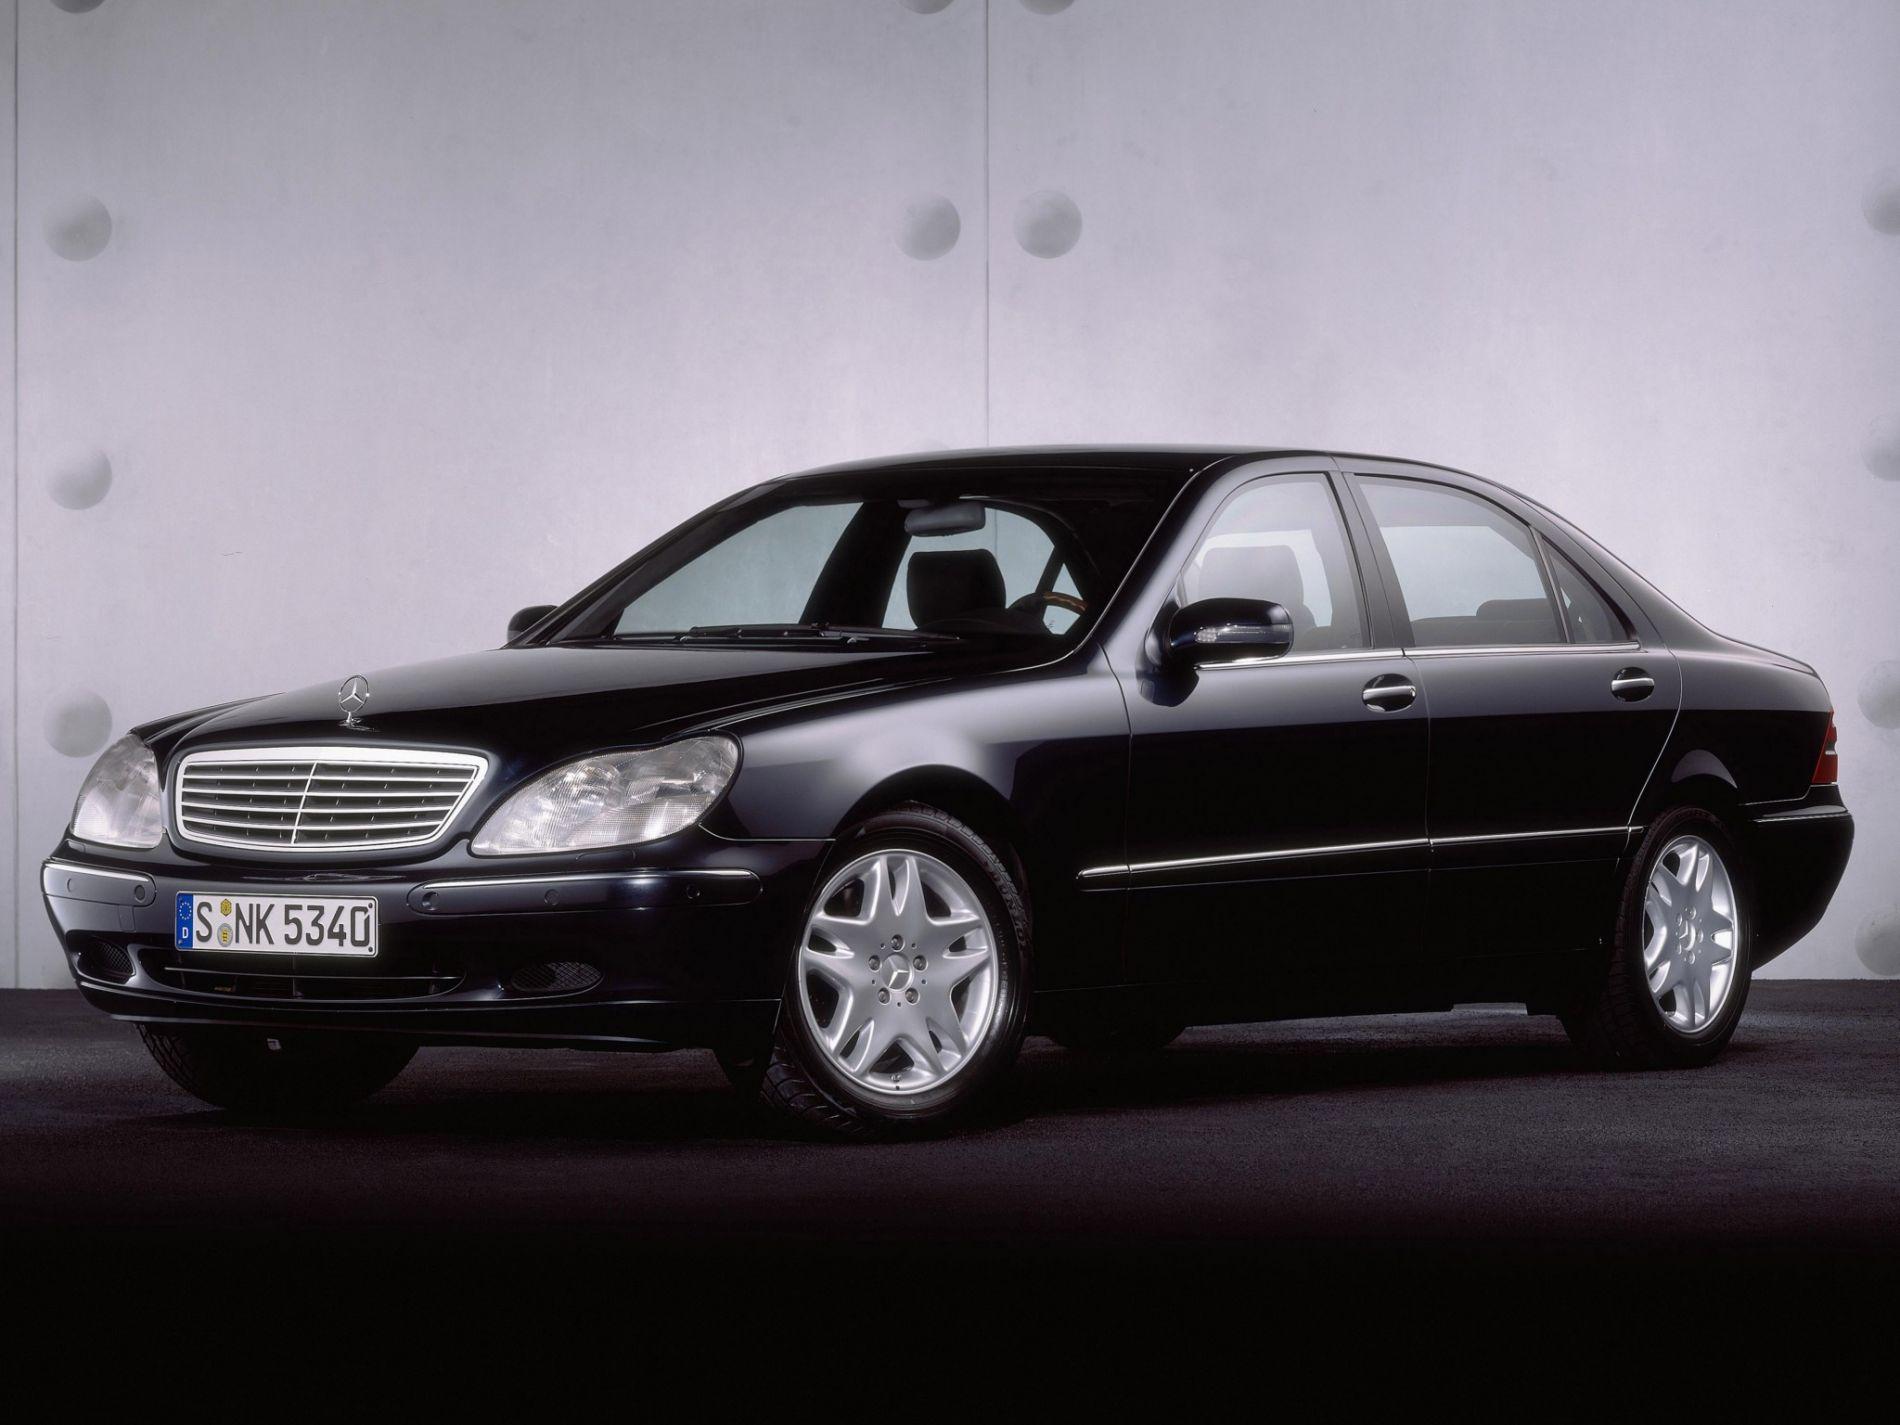 Mercedes-Benz S-Class (W220) - რატომ ღირს იაფი ?